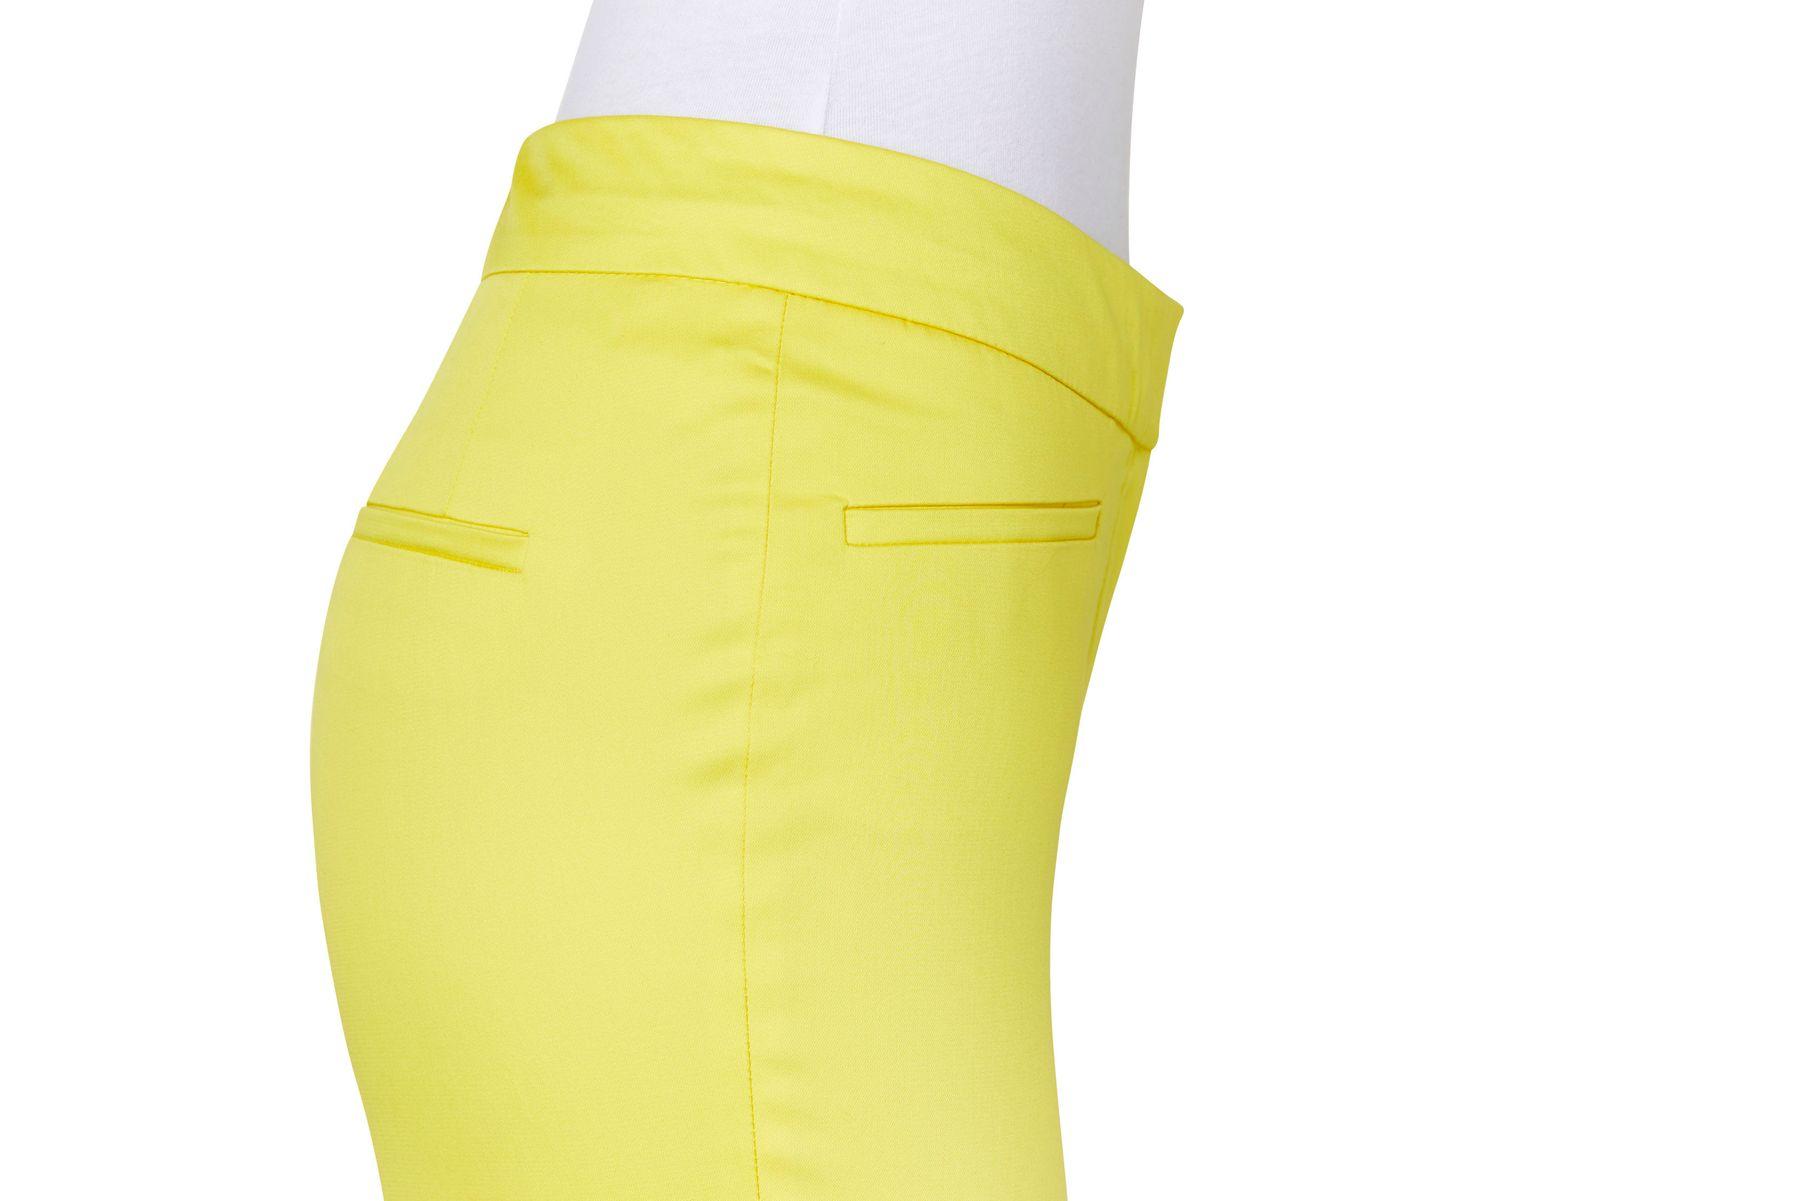 Atelier Gardeur - Slim Fit - Damen - Zigarette - verschiedene Farben, Dyan (61508) – Bild 21